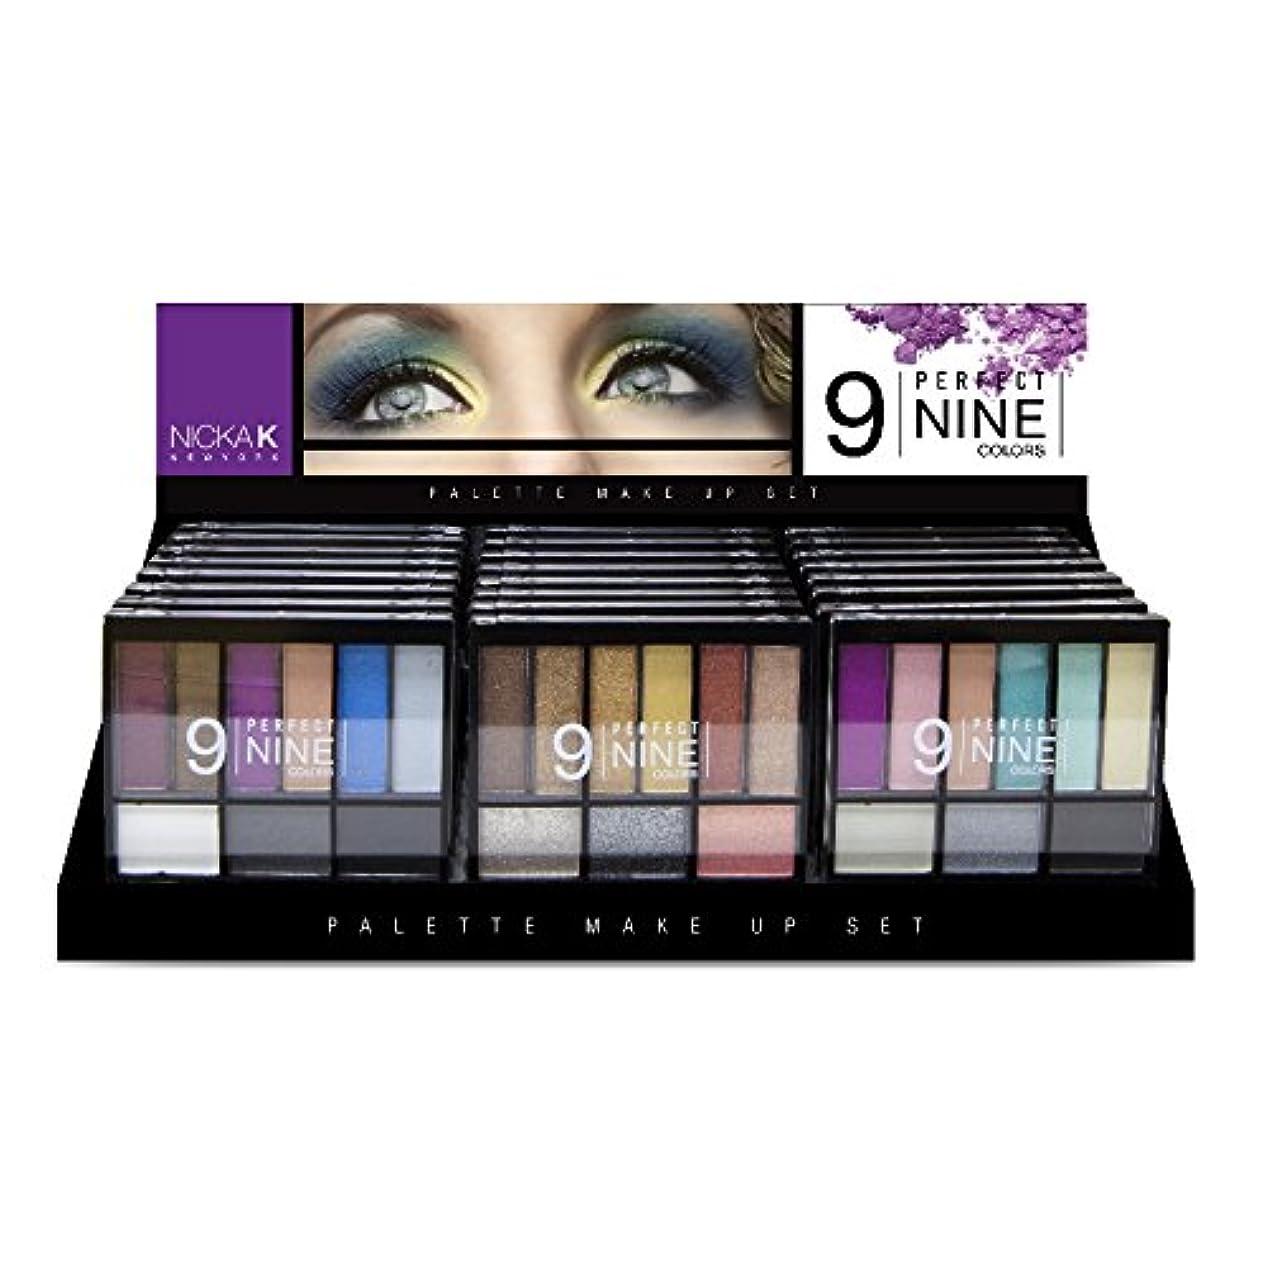 議論するこだわり岩NICKA K New York Eyeshadow Palette Perfect 9 Colors Display Set 24 Pieces (並行輸入品)